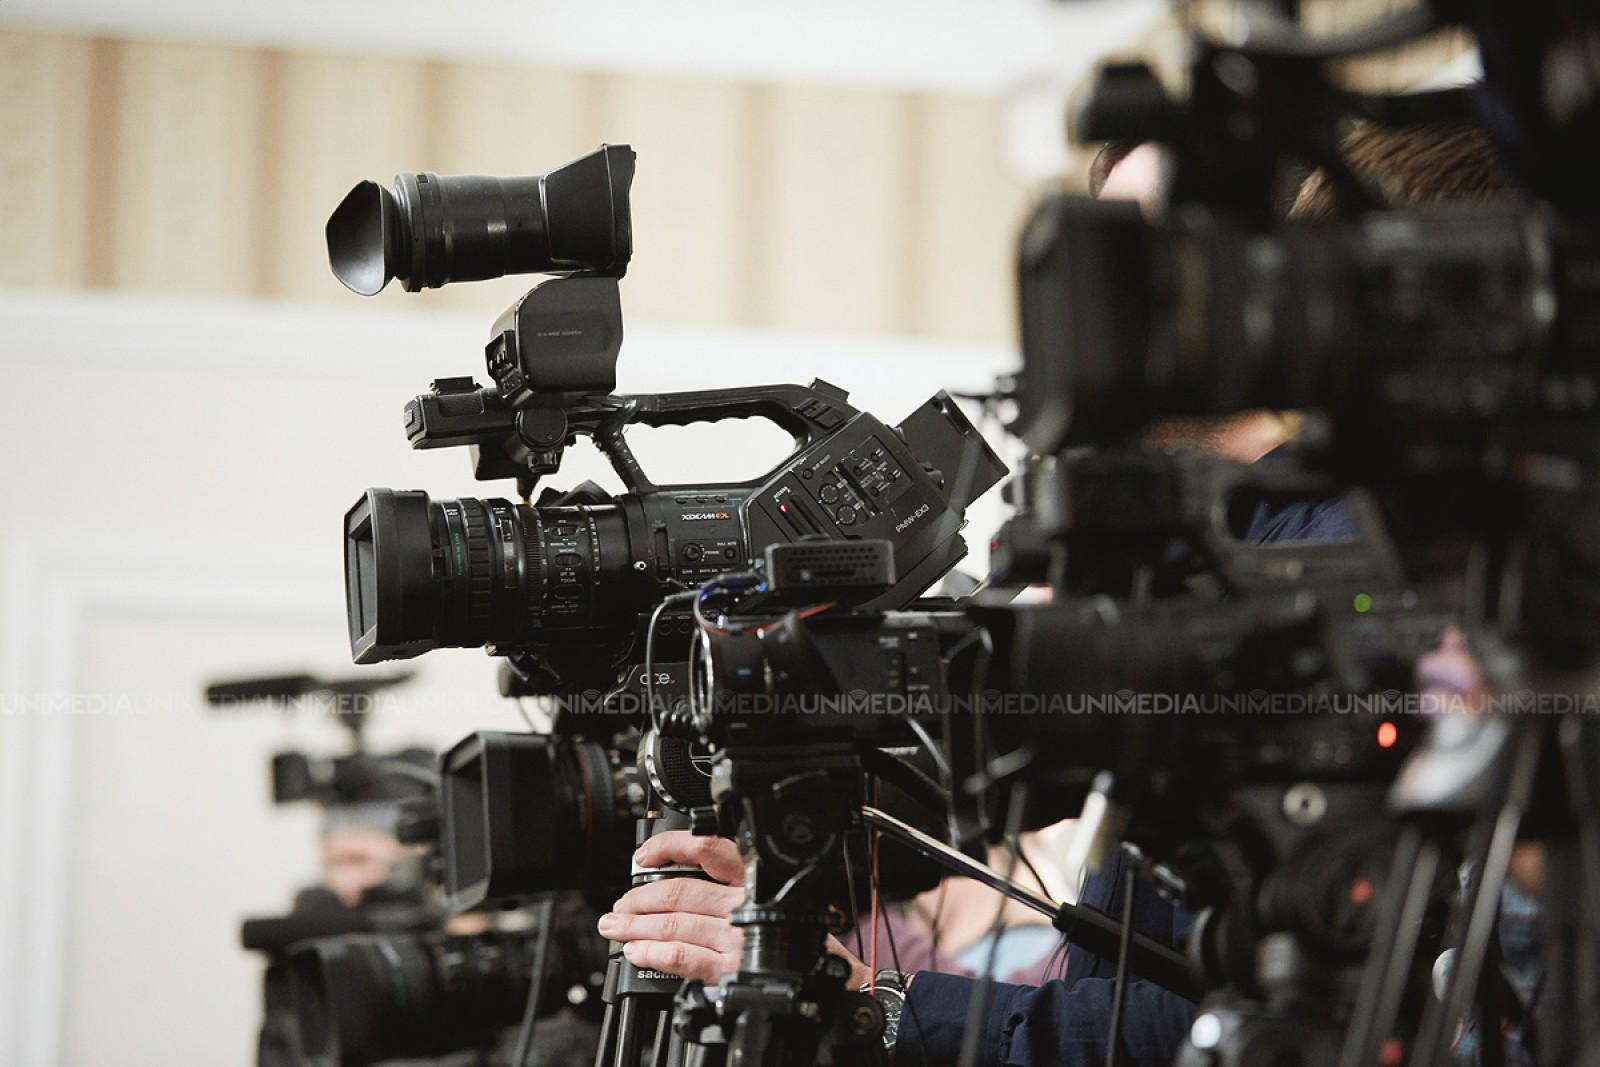 Ziua libertăţii presei în lume: Omagii în memoria ziariştilor ucişi şi manifestaţii împotriva încălcării libertăţii media